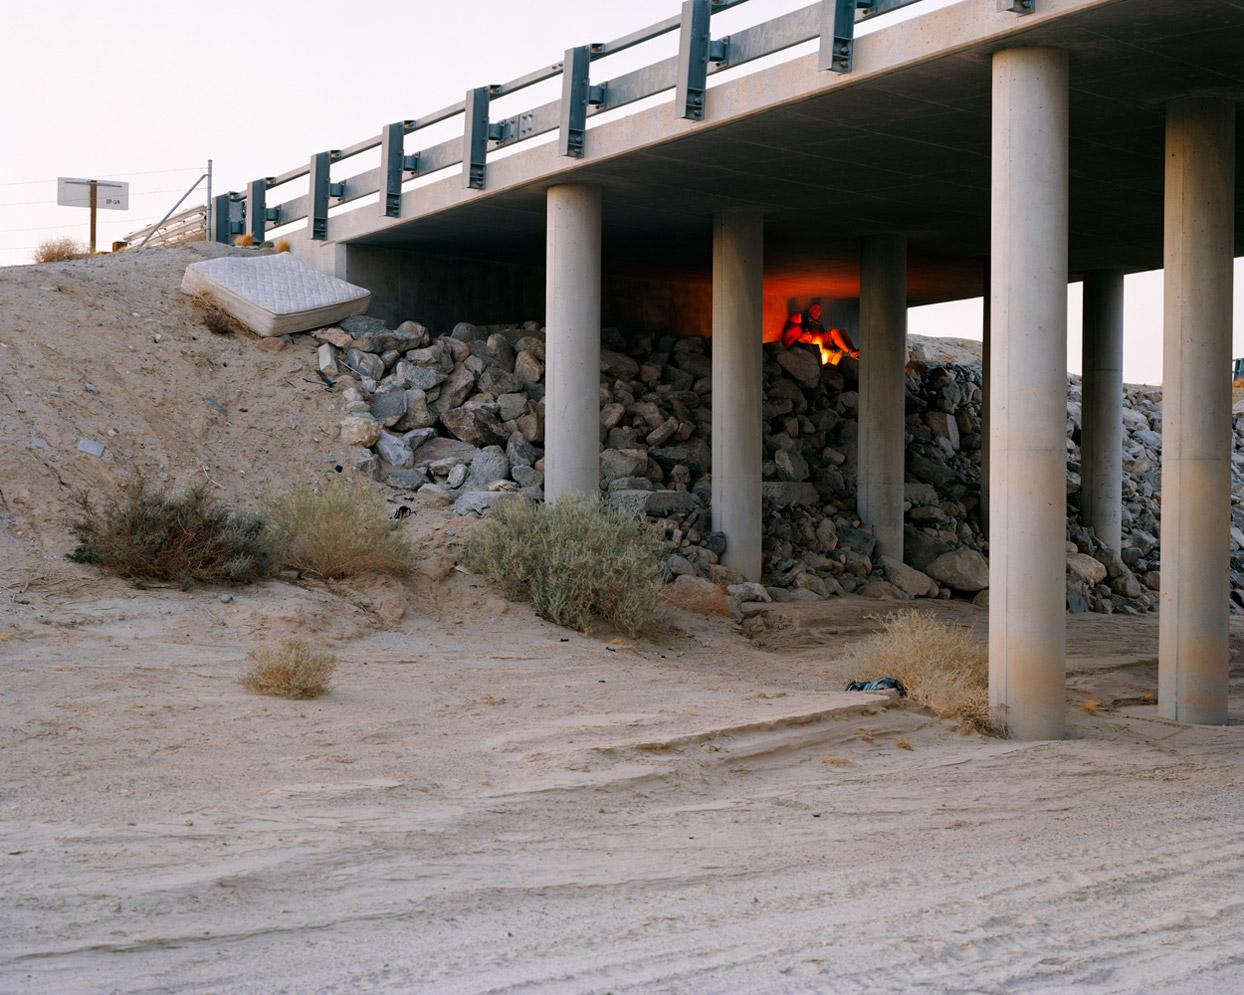 Shelter, 2012